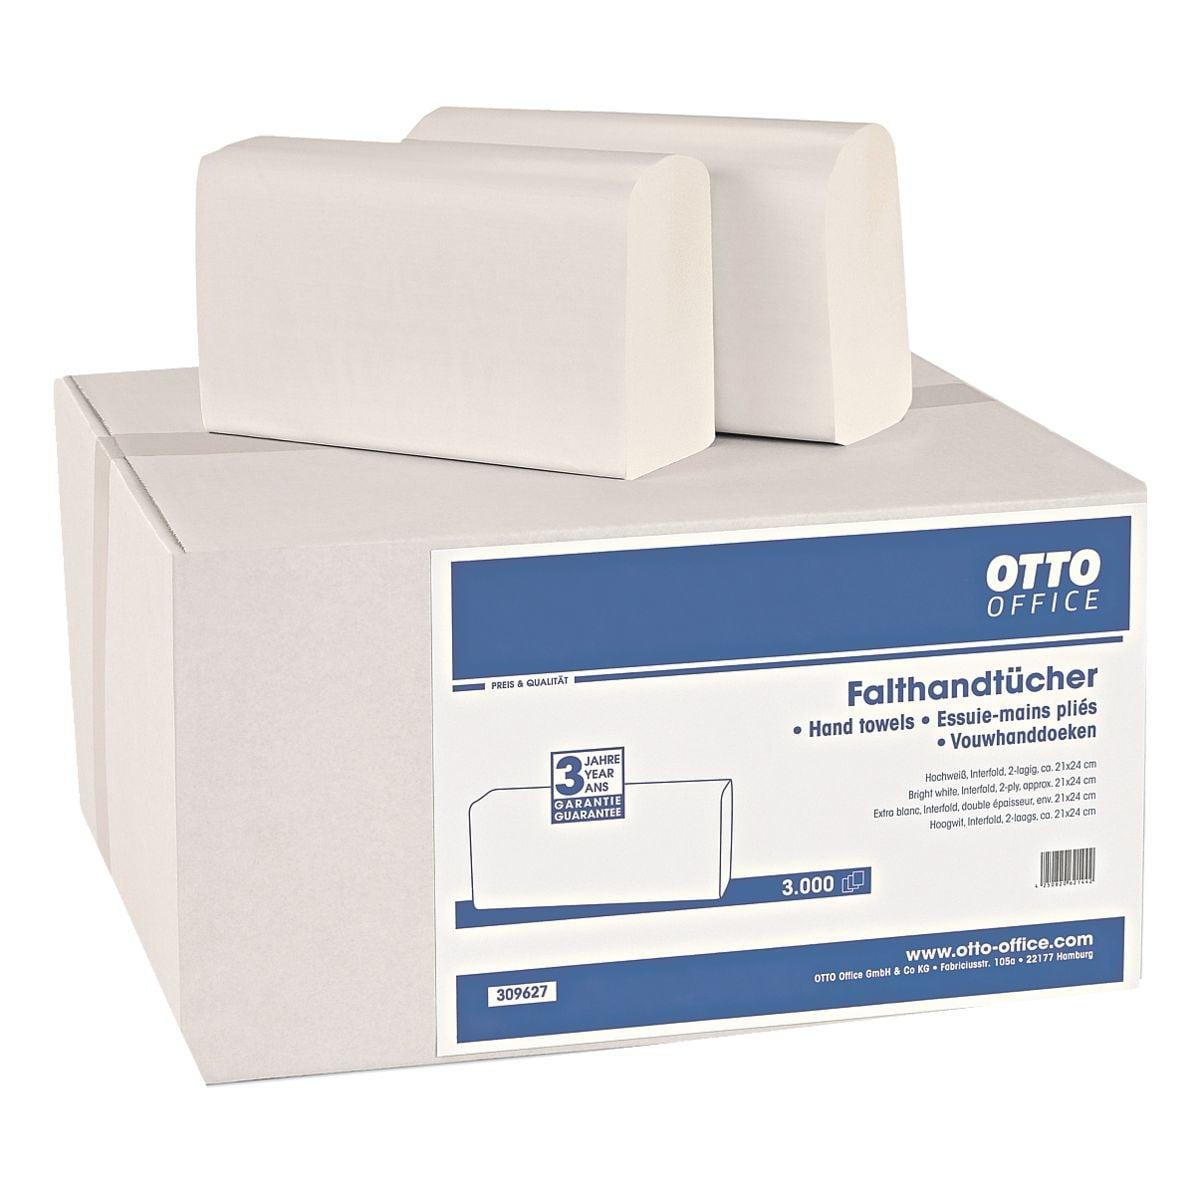 Papierhandtücher OTTO Office 2-lagig, hochweiß, 21 cm x 24 cm aus Zellstoff mit I-Falzung - 3000 Blatt gesamt